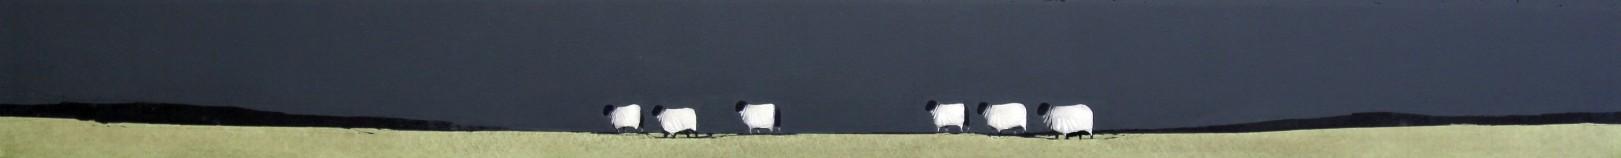 Ron Lawson_Wandering Sheep_EAS607_Watercolour & Gouache_3.75x38.5